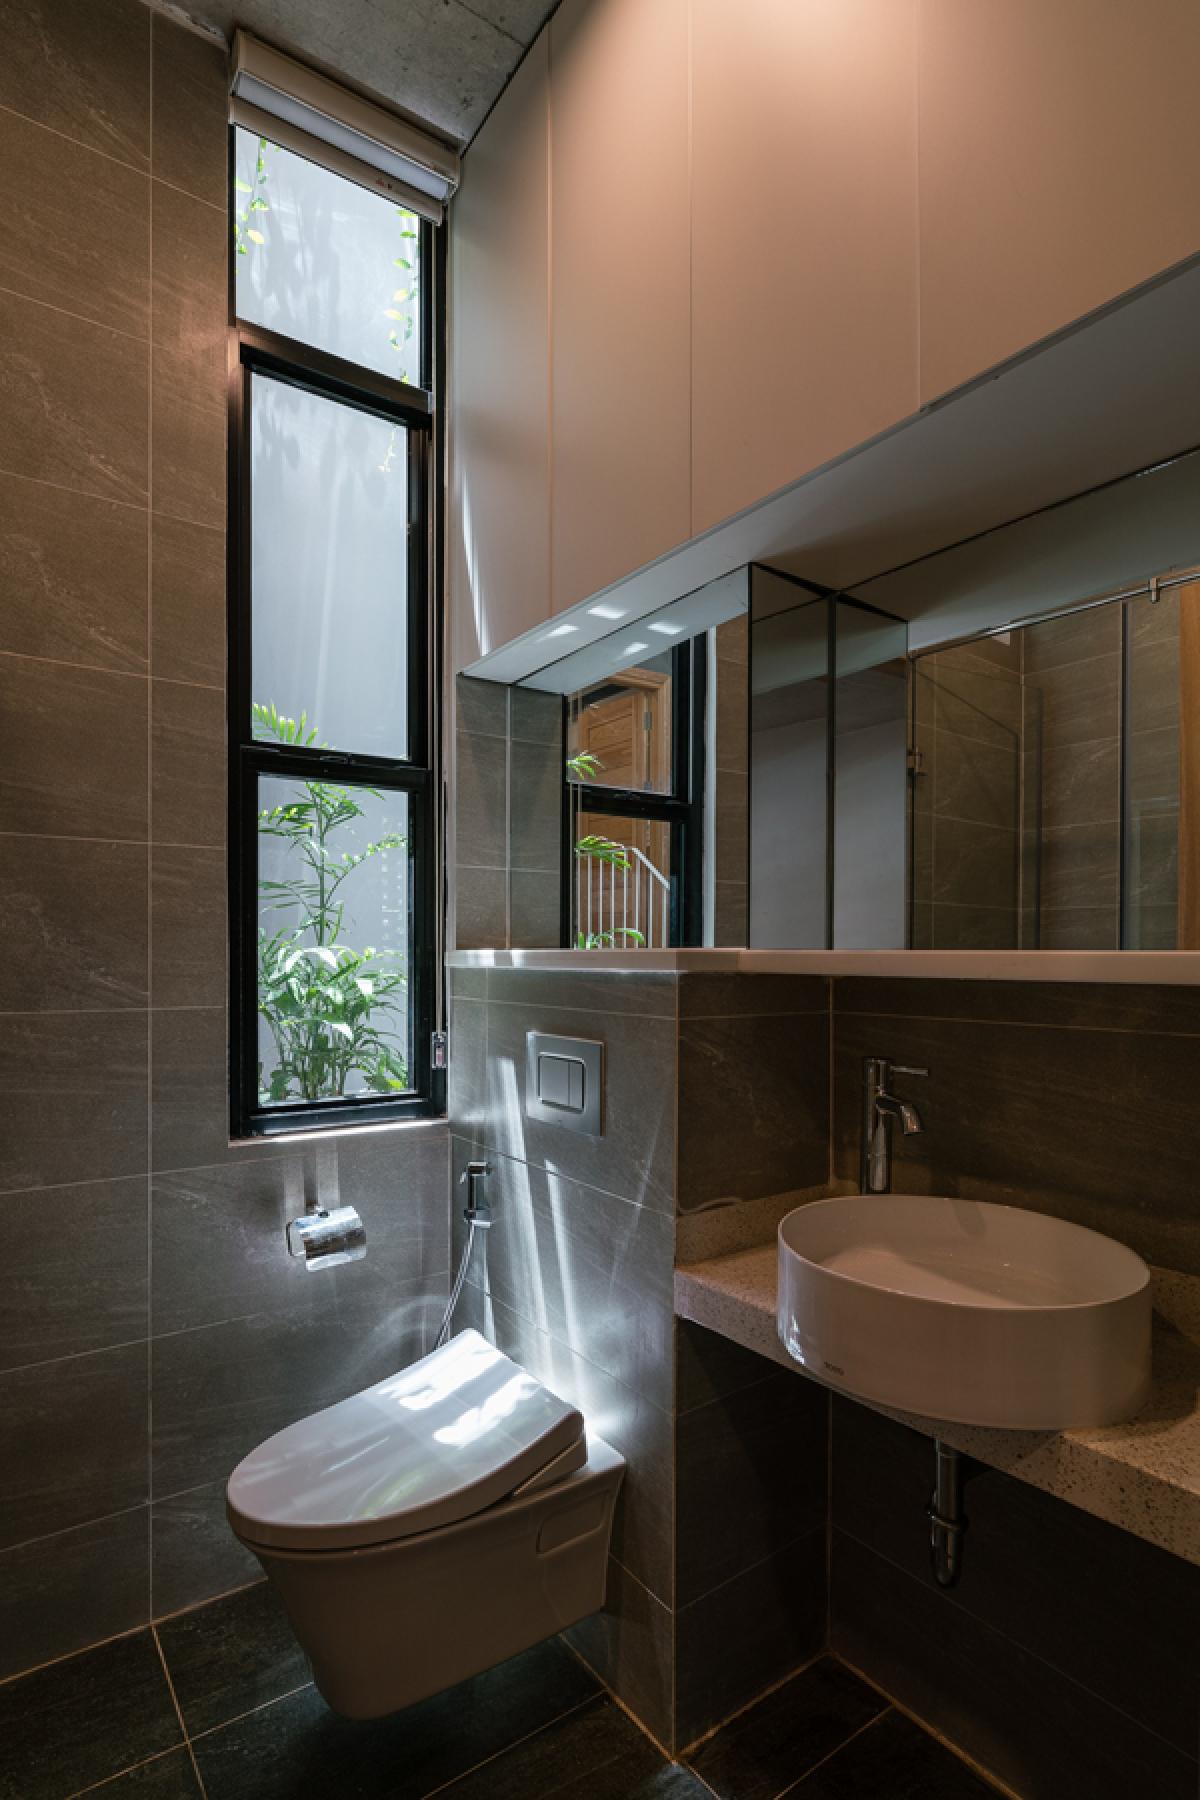 Phòng vệ sinh tuy không rộng nhưng hiện đại, tiện nghi và cũng có thông thoáng tự nhiên thông qua giếng trời.